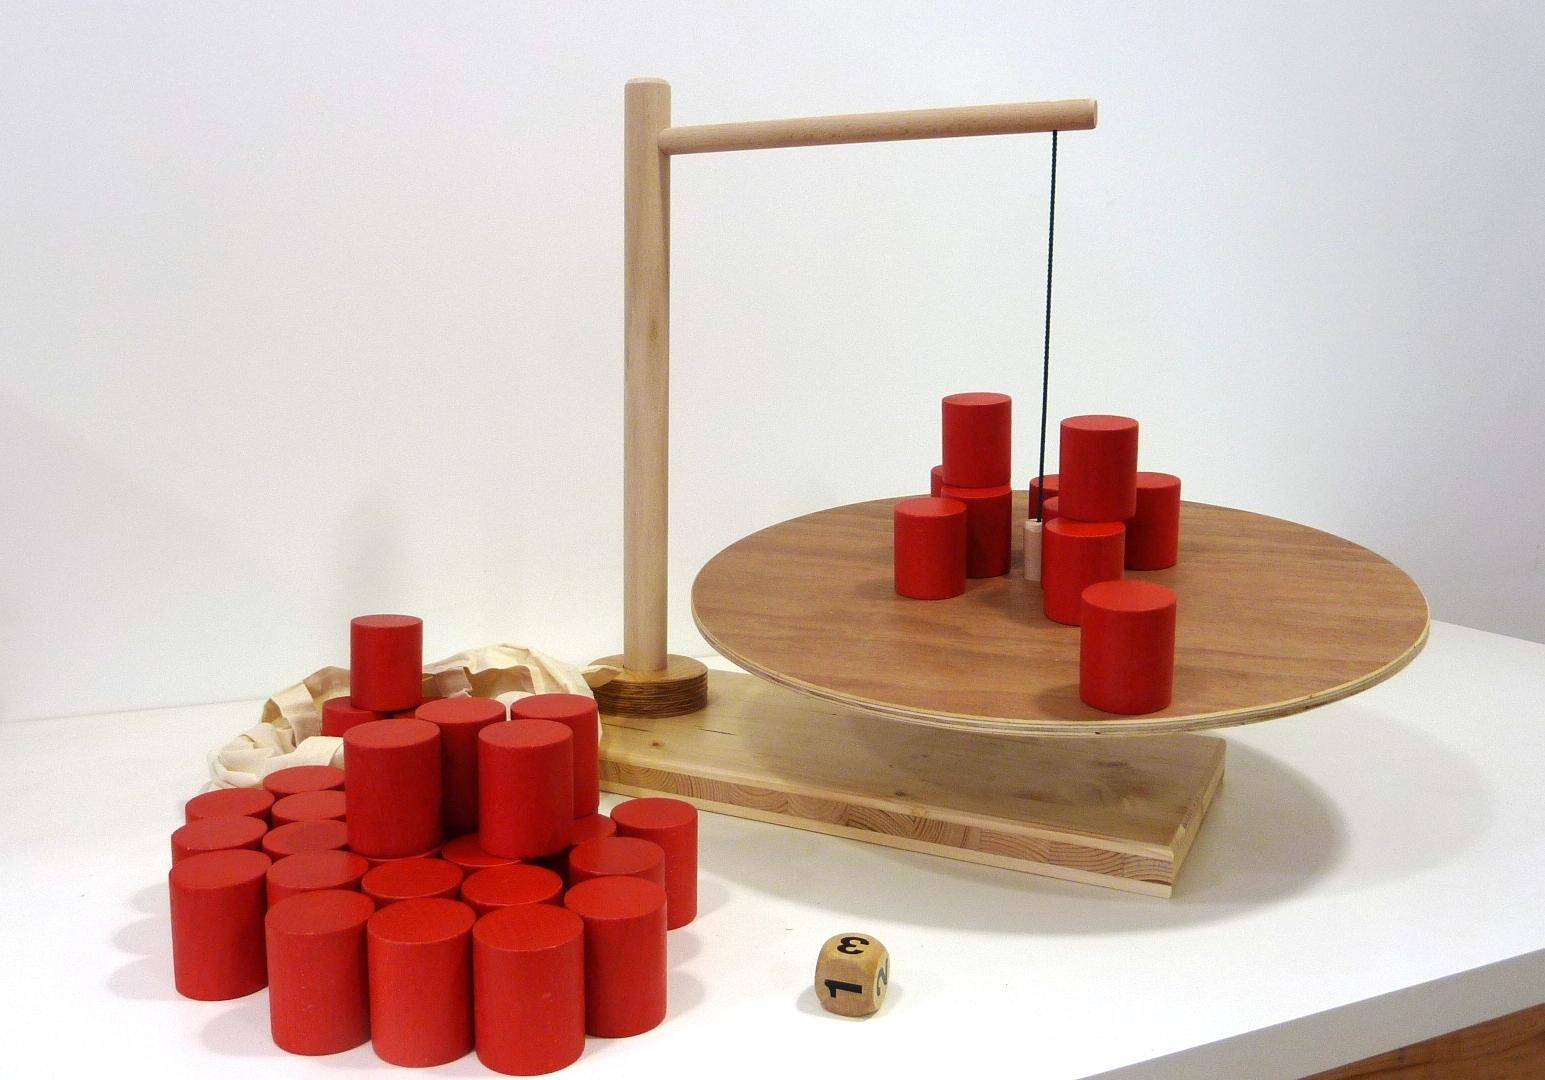 location jeux en bois jeux picards location jeux gonflables jeux en bois mat riel forain. Black Bedroom Furniture Sets. Home Design Ideas